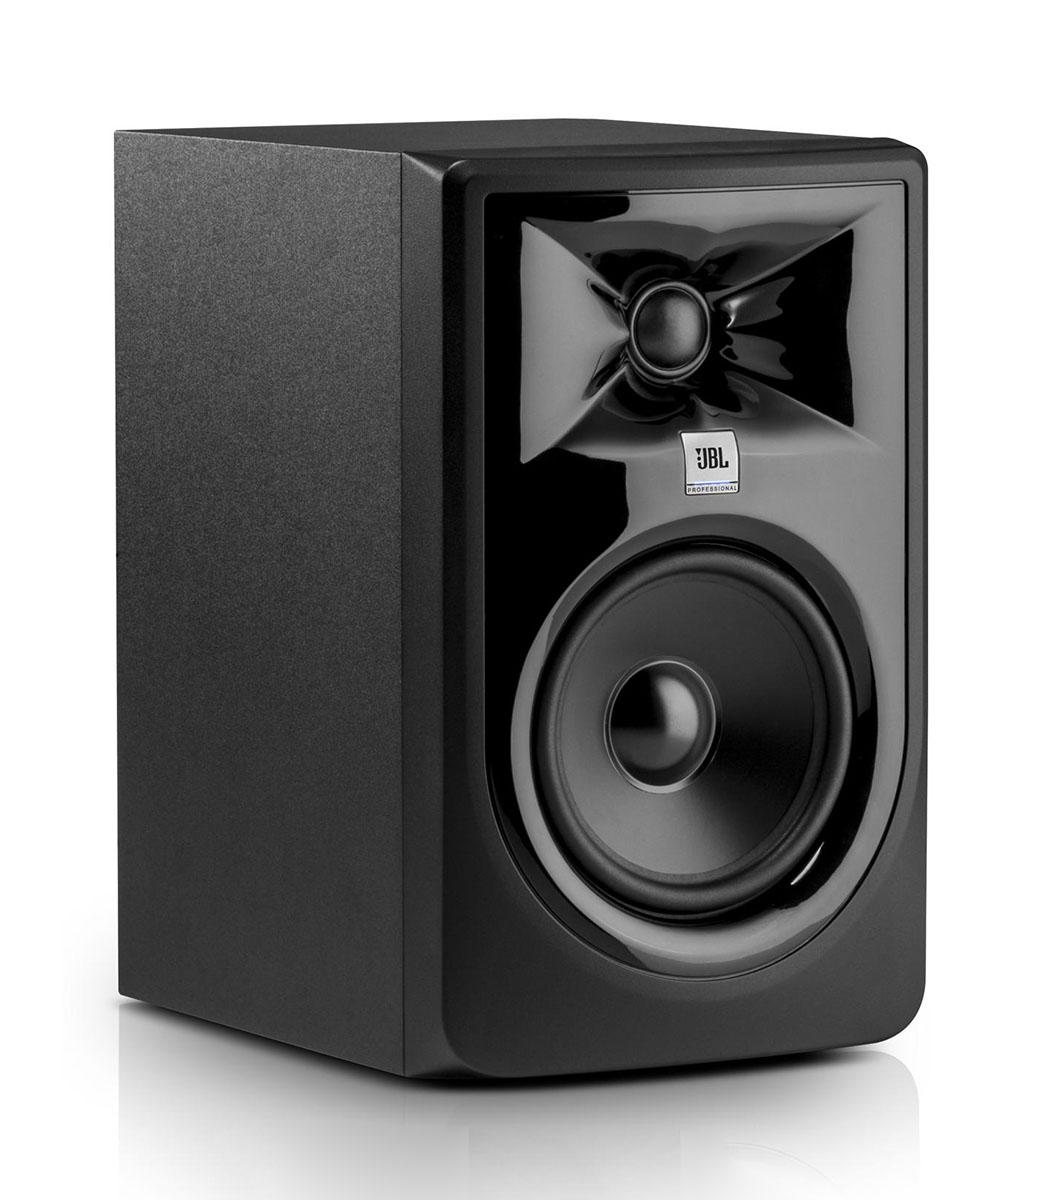 JBL-LSR305-MKII-angle-main.jpg